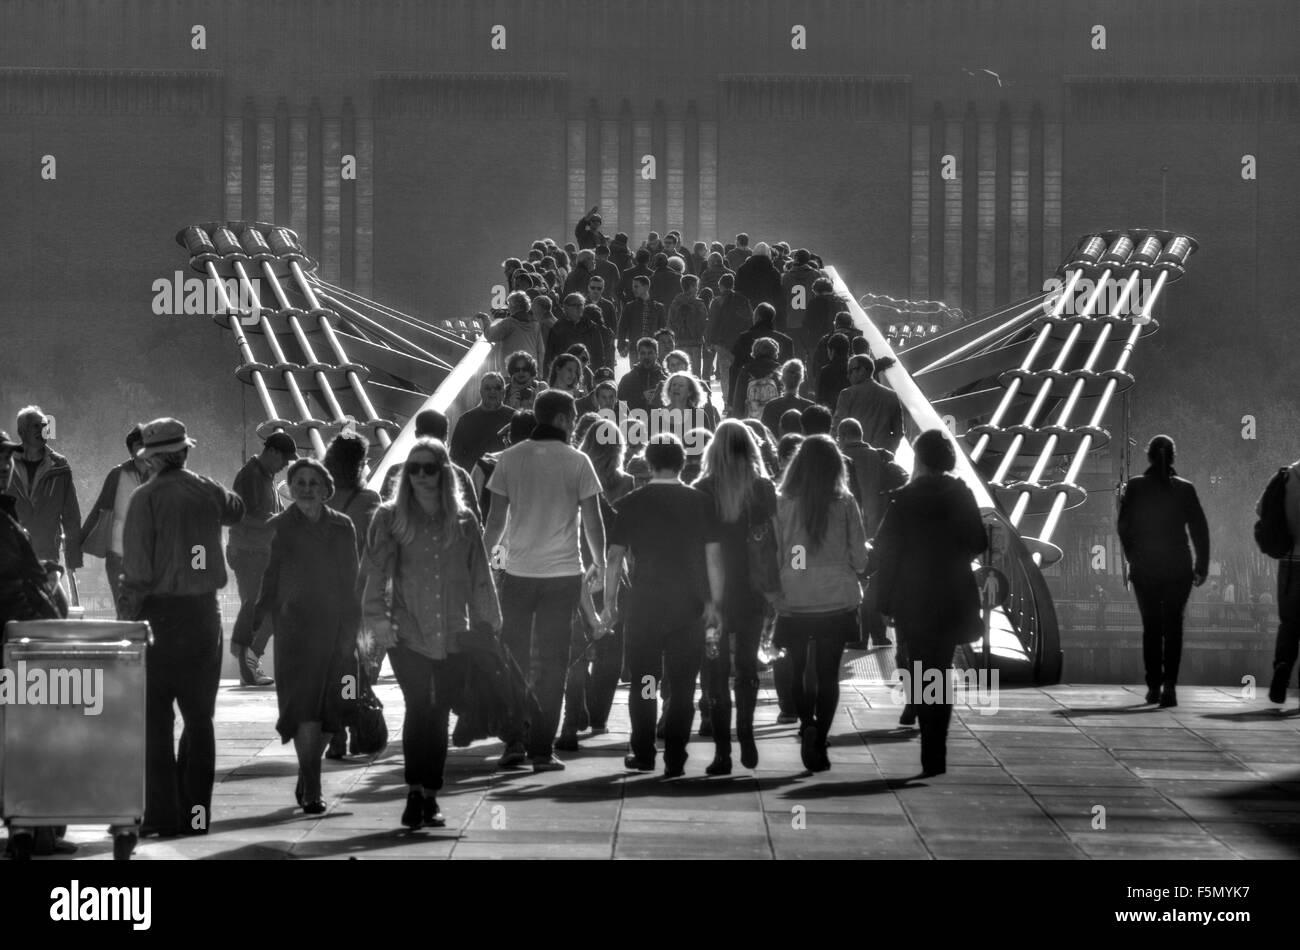 millennium bridge,   crowds on bridge,  people on bridge - Stock Image